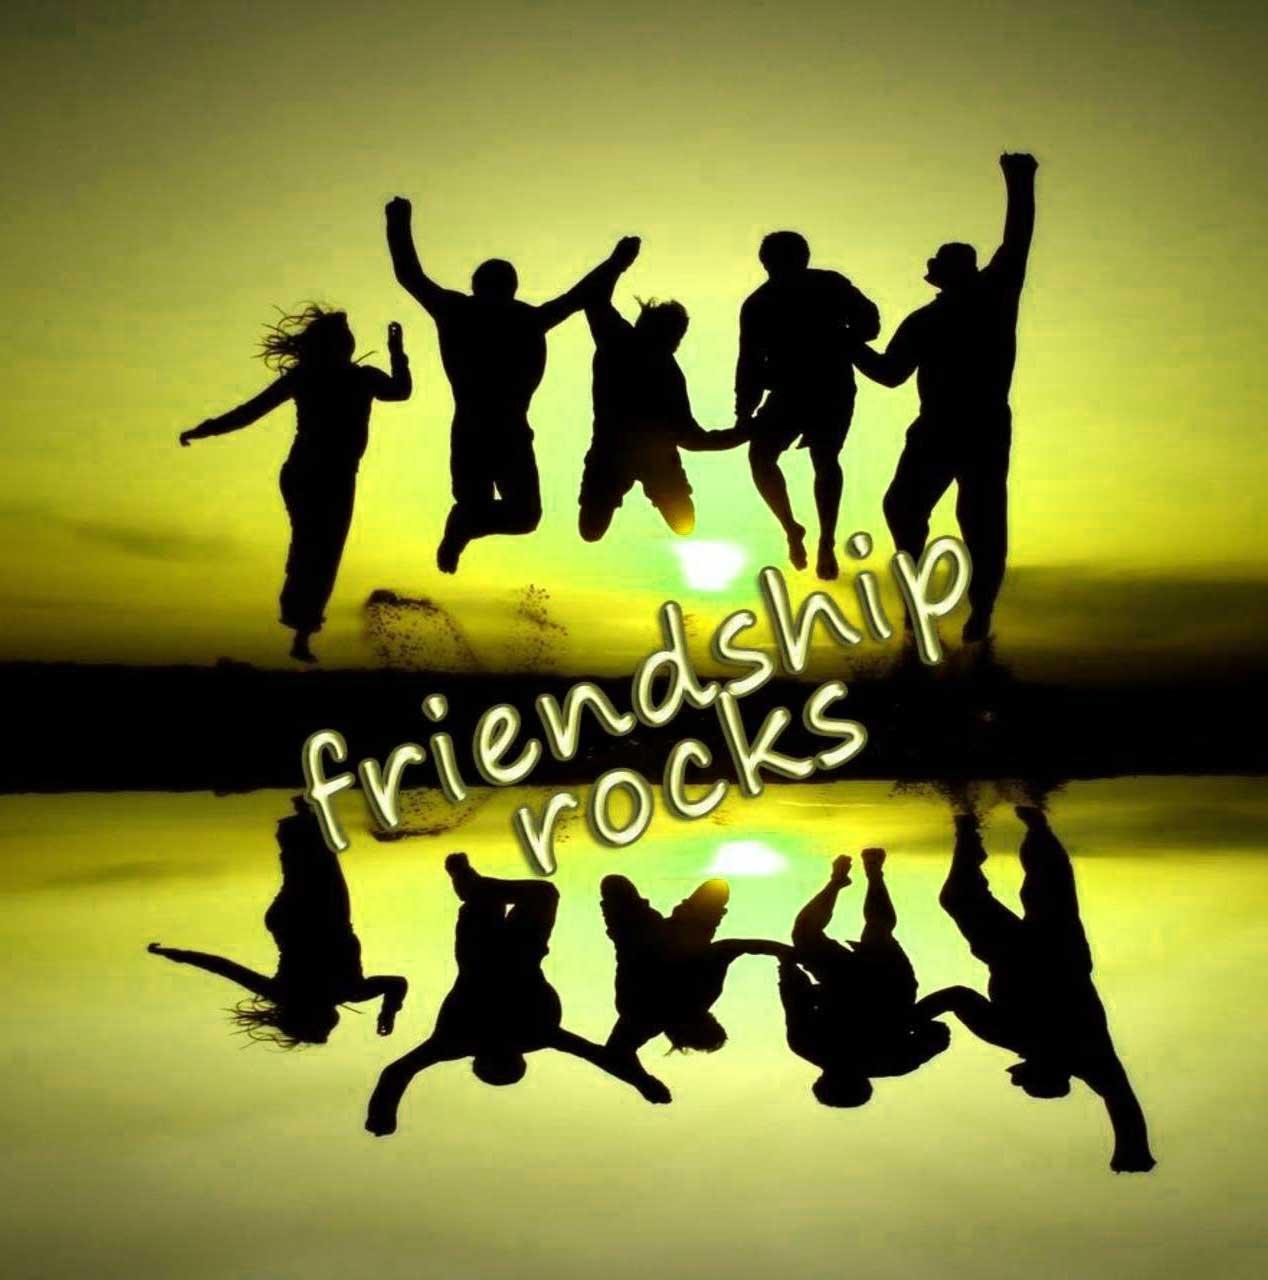 Best Friends Dp For Whatsapp Wallpaper Hd Freee